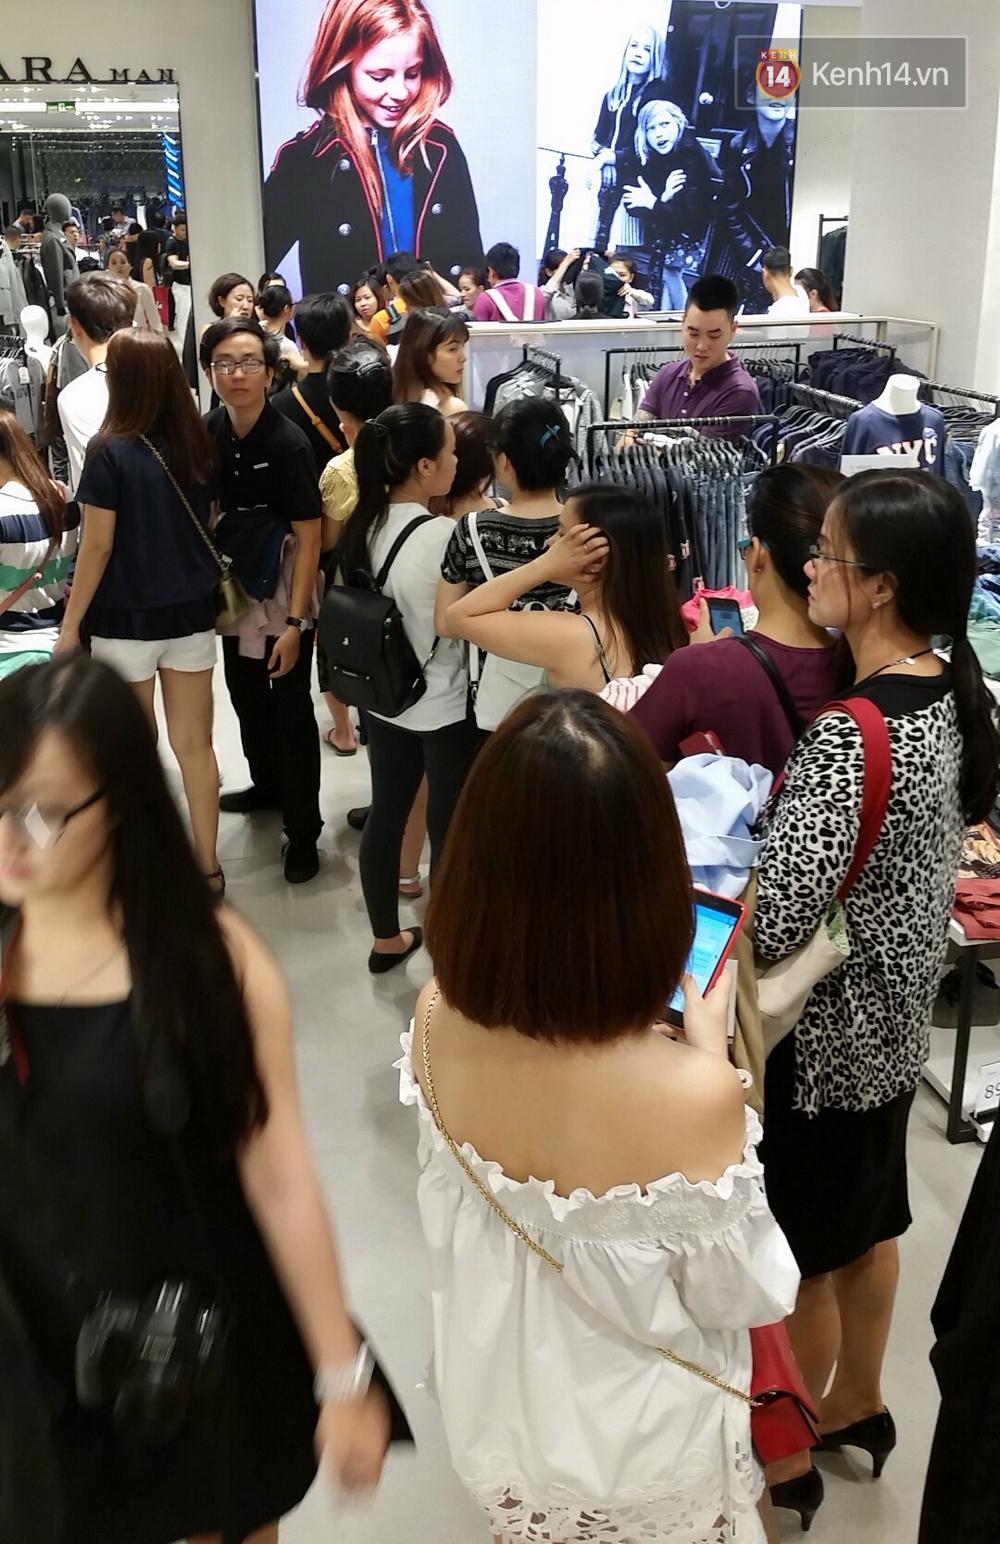 Gần đến giờ đóng cửa, store Zara Việt Nam vẫn đông nghịt, từng hàng dài chờ thanh toán hóa đơn cả chục triệu - Ảnh 21.